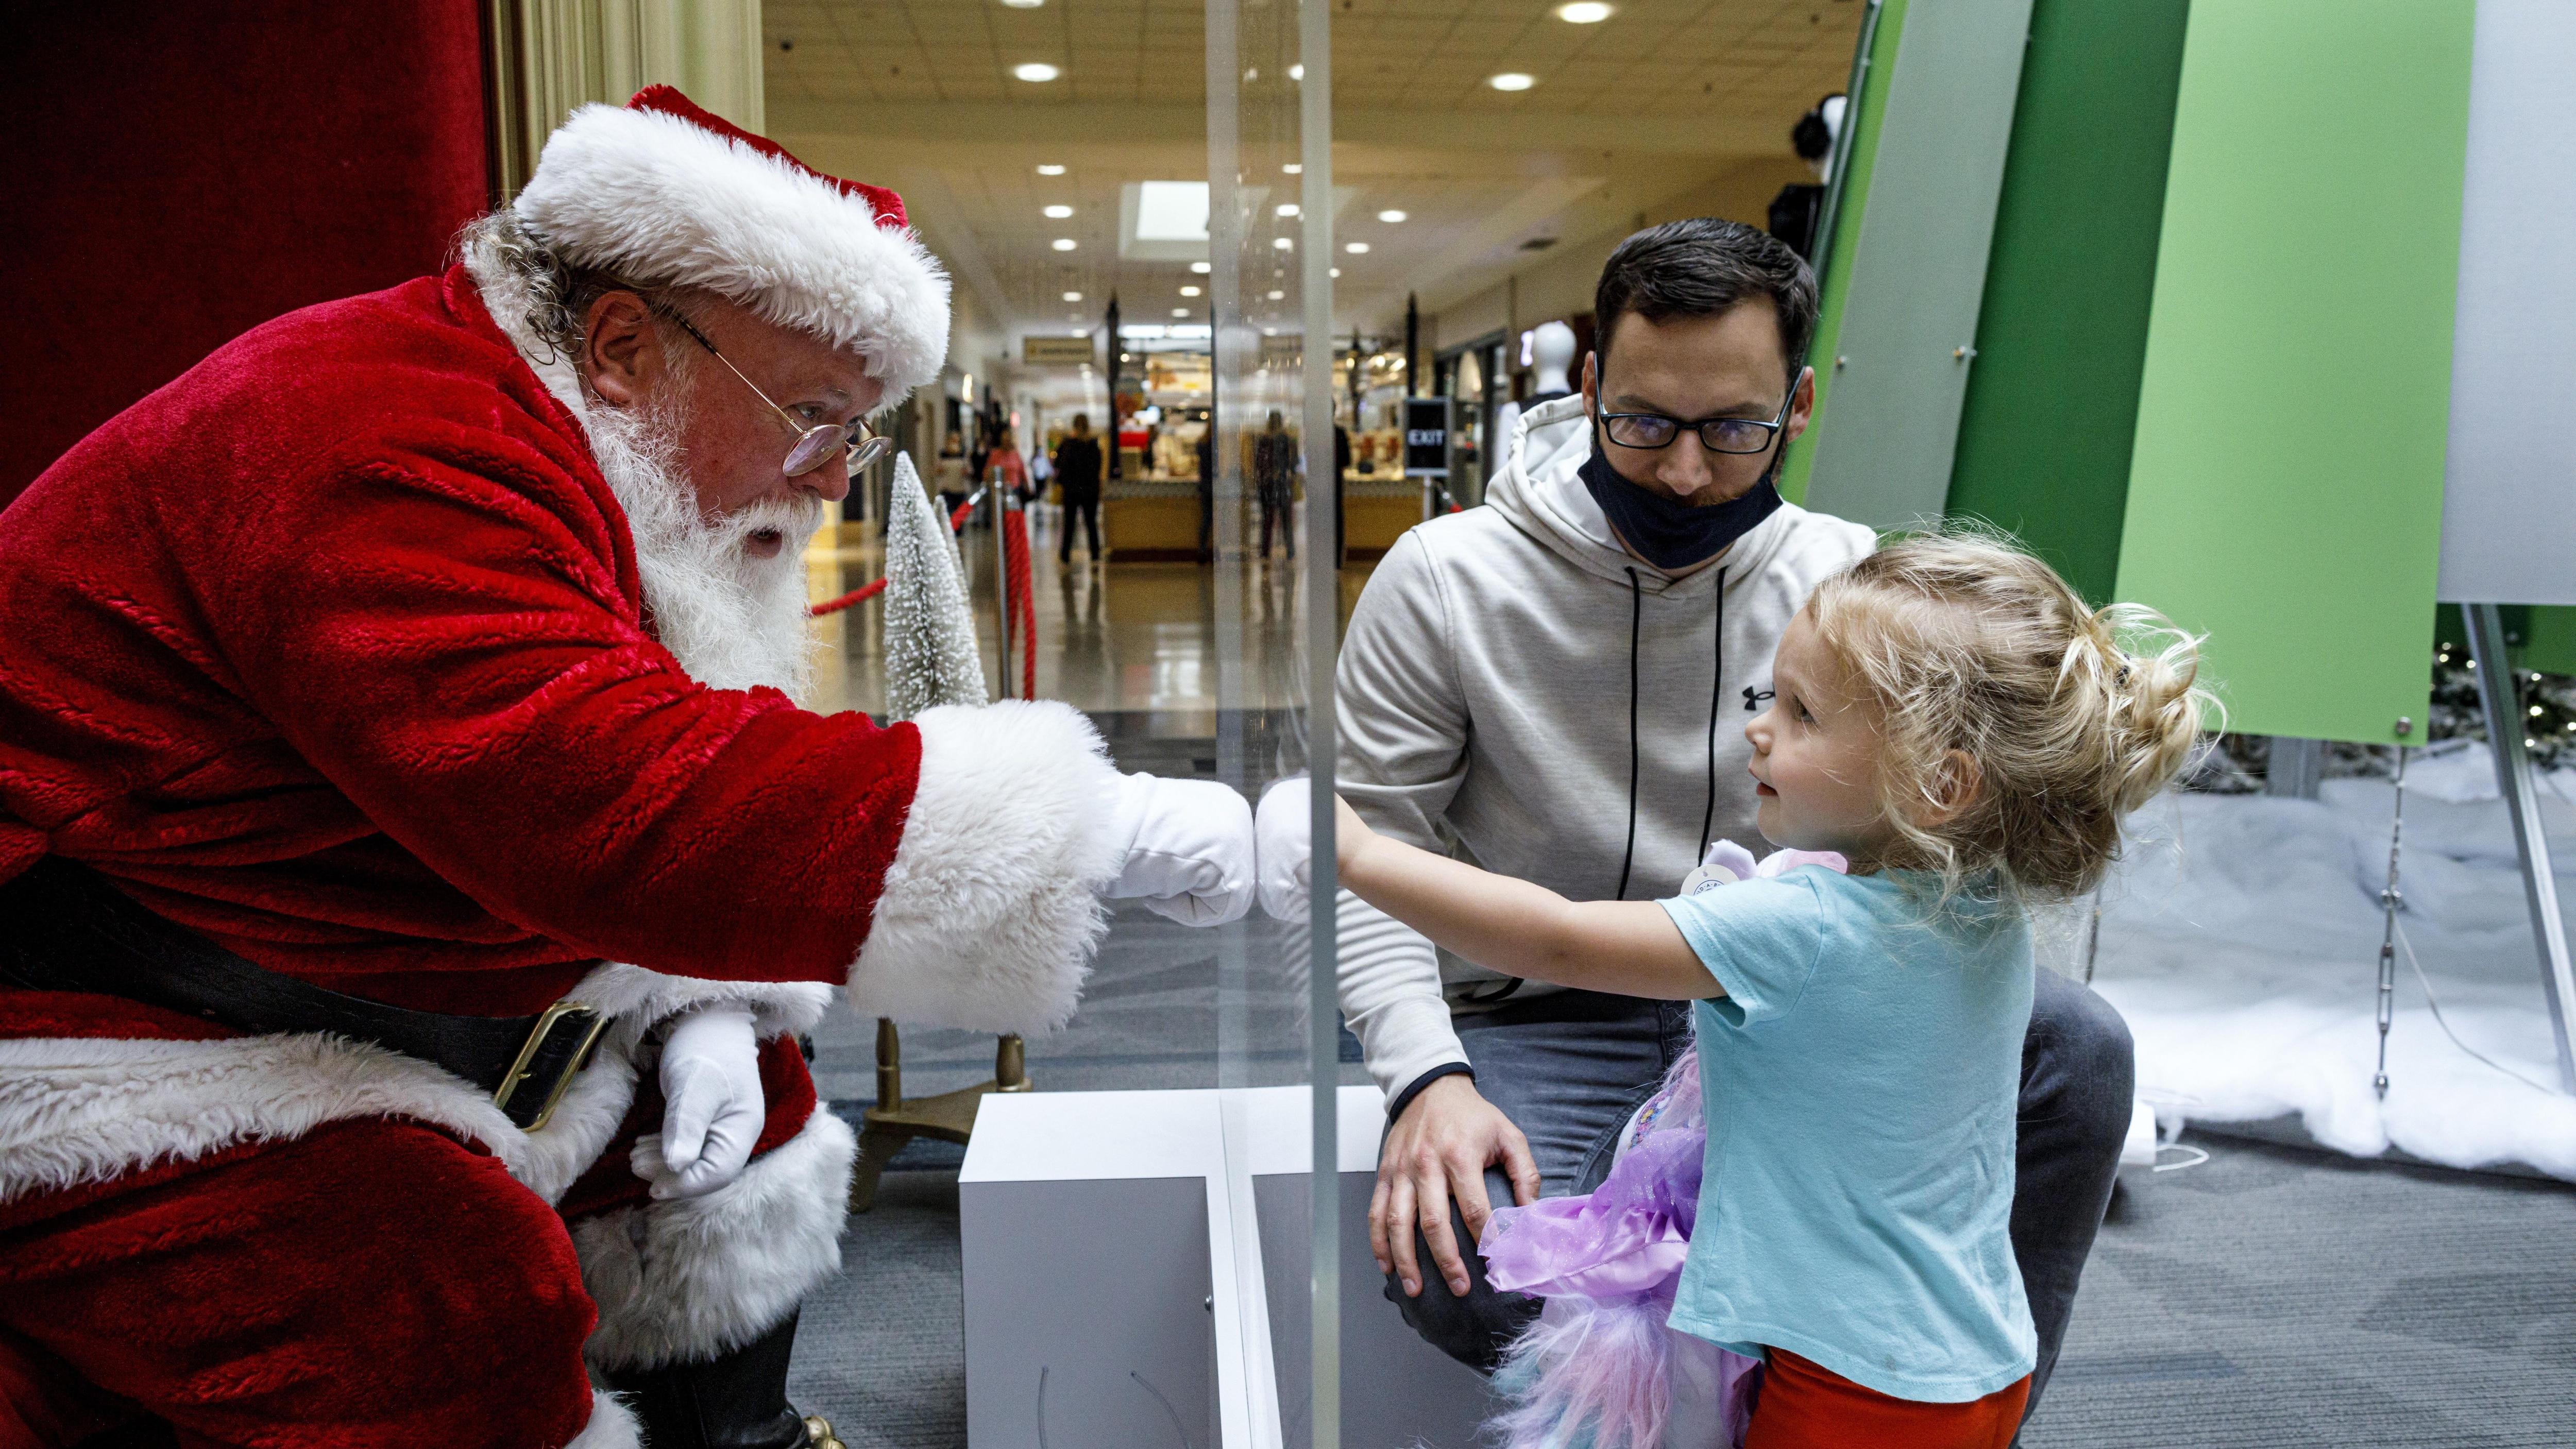 La présence du père Noël dans les centres commerciaux fait réagir | Place  publique